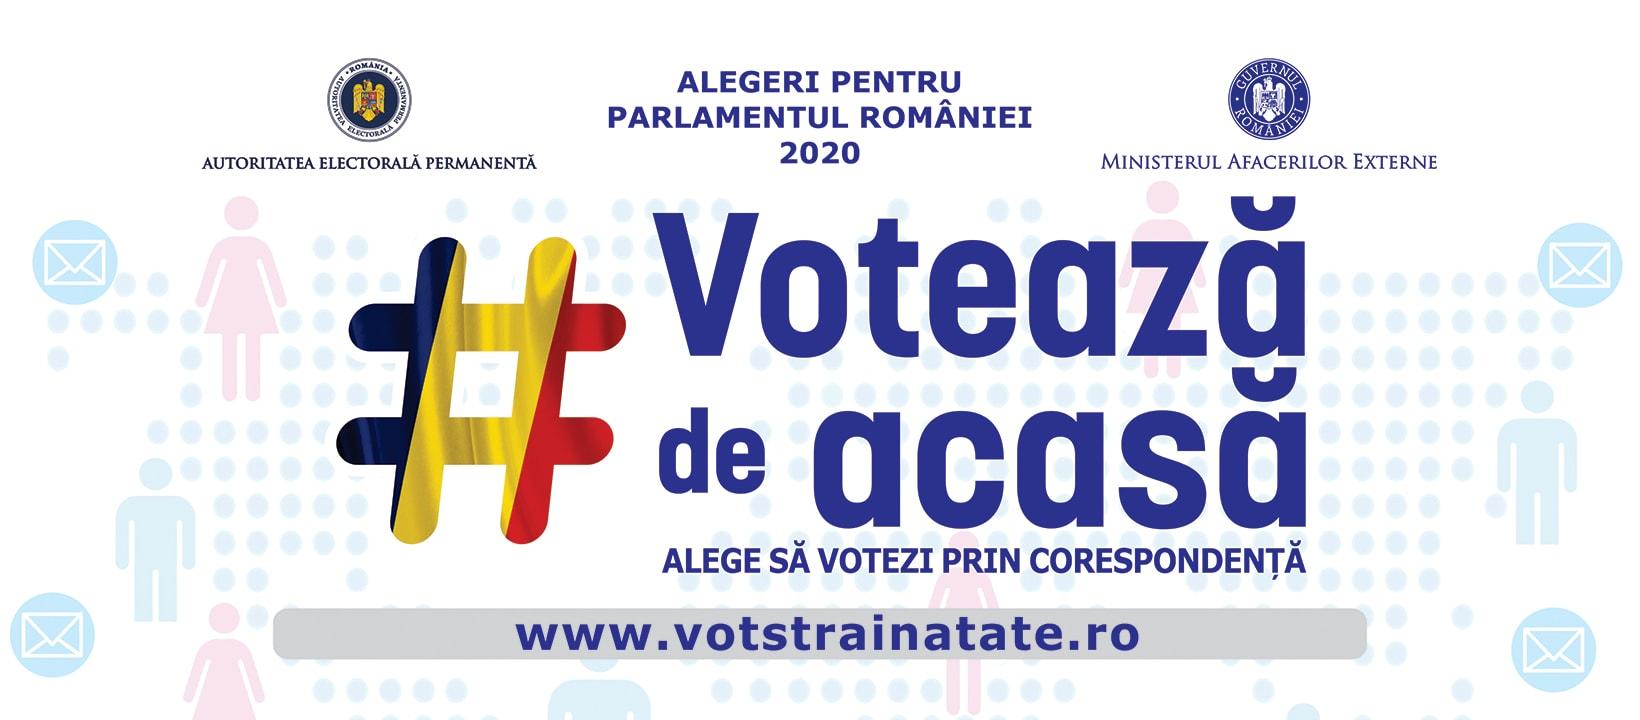 COMUNICAT: Consulatul General al României din Chicago anunță noi proceduri pentru alegerile Parlamentare din 5-6 decembrie 2020